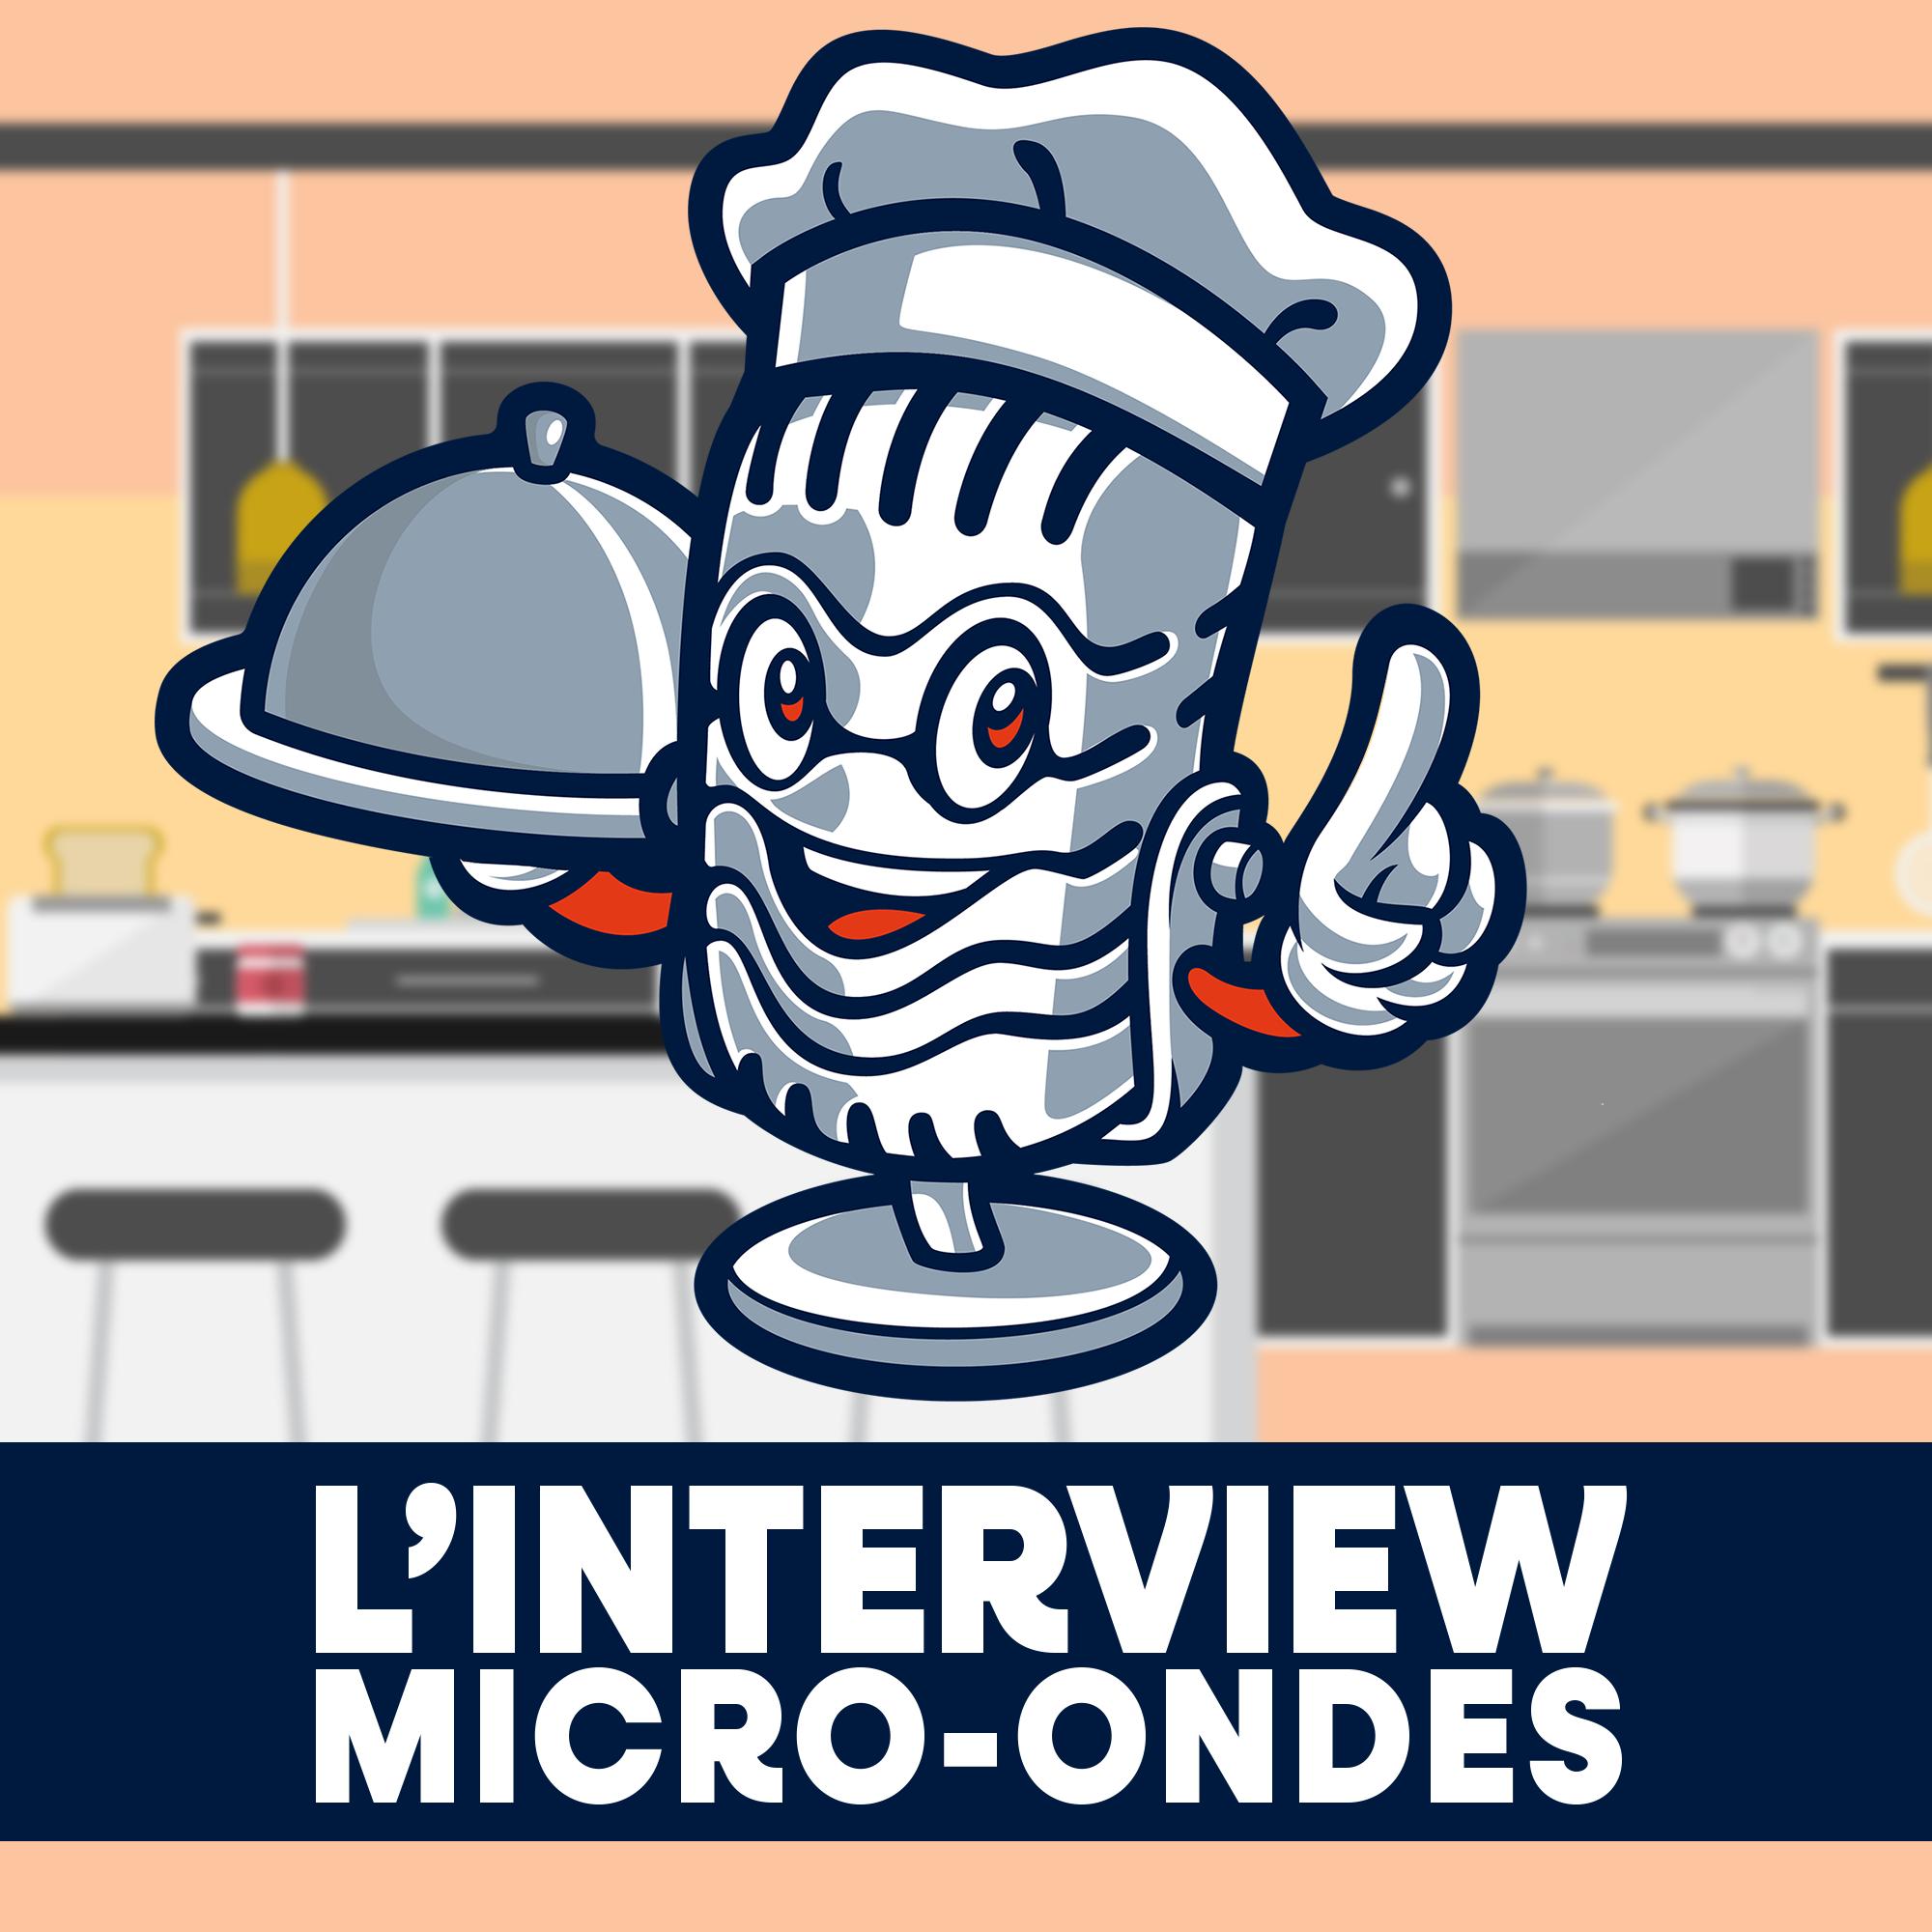 C'est quoi L'Interview Micro-Ondes ?